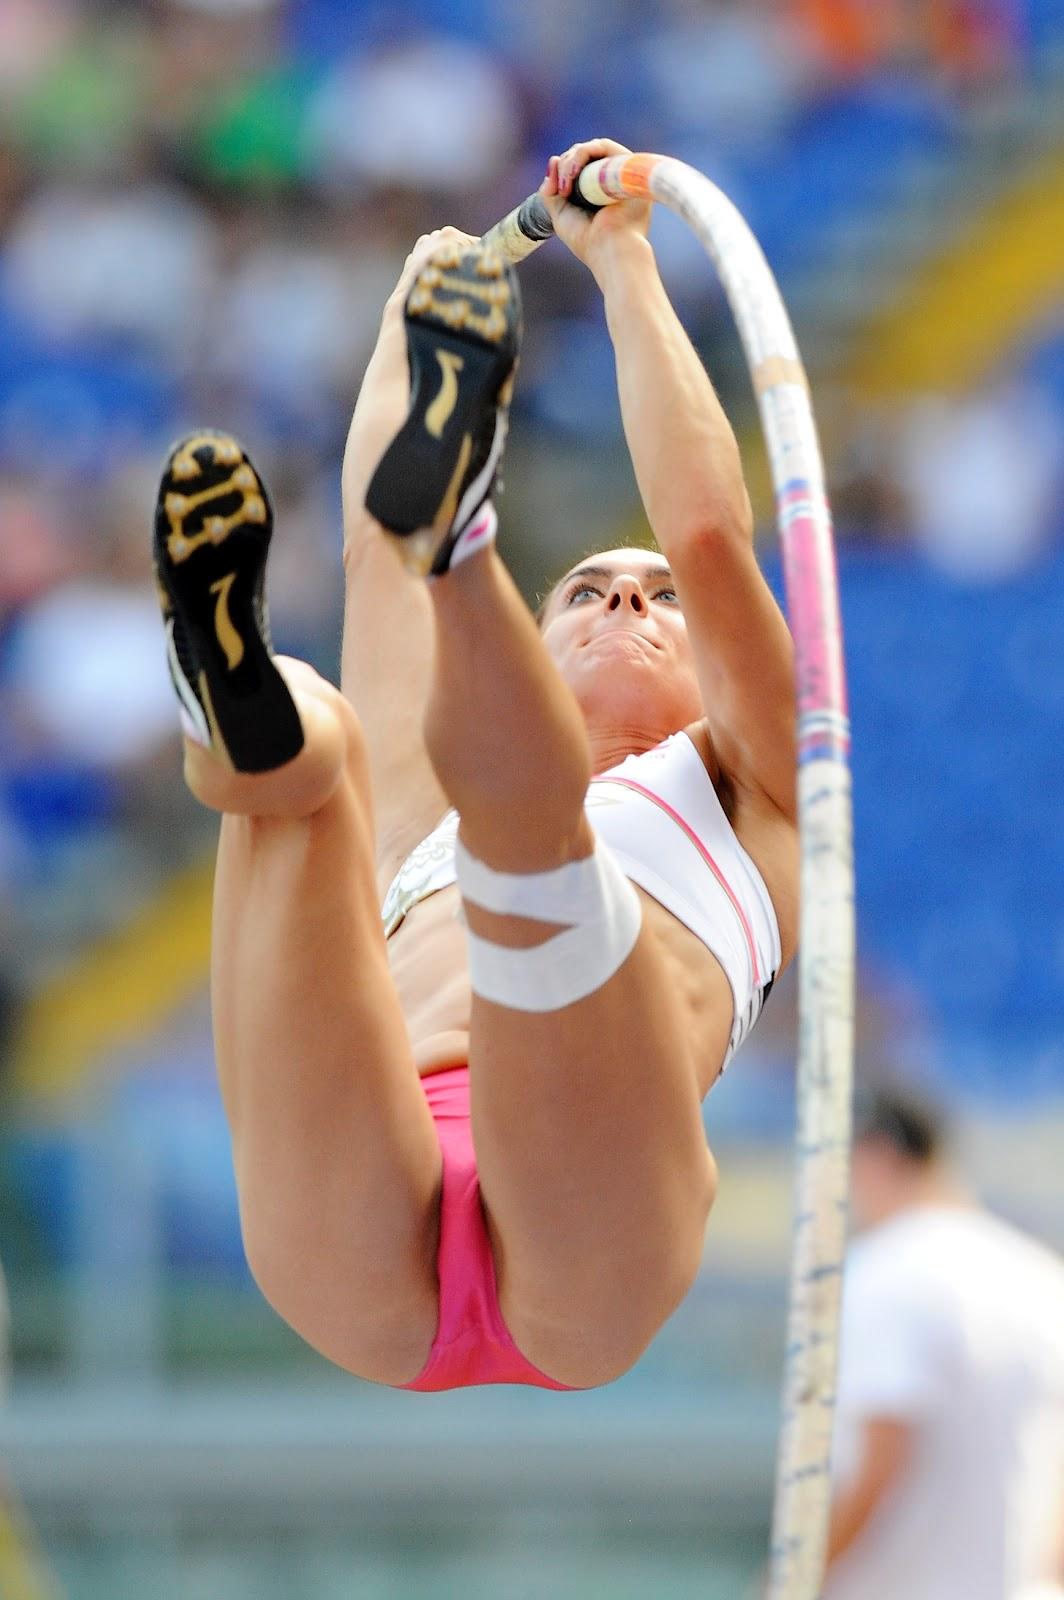 Девушек фото легкой время засветов по во у атлетике соревнований